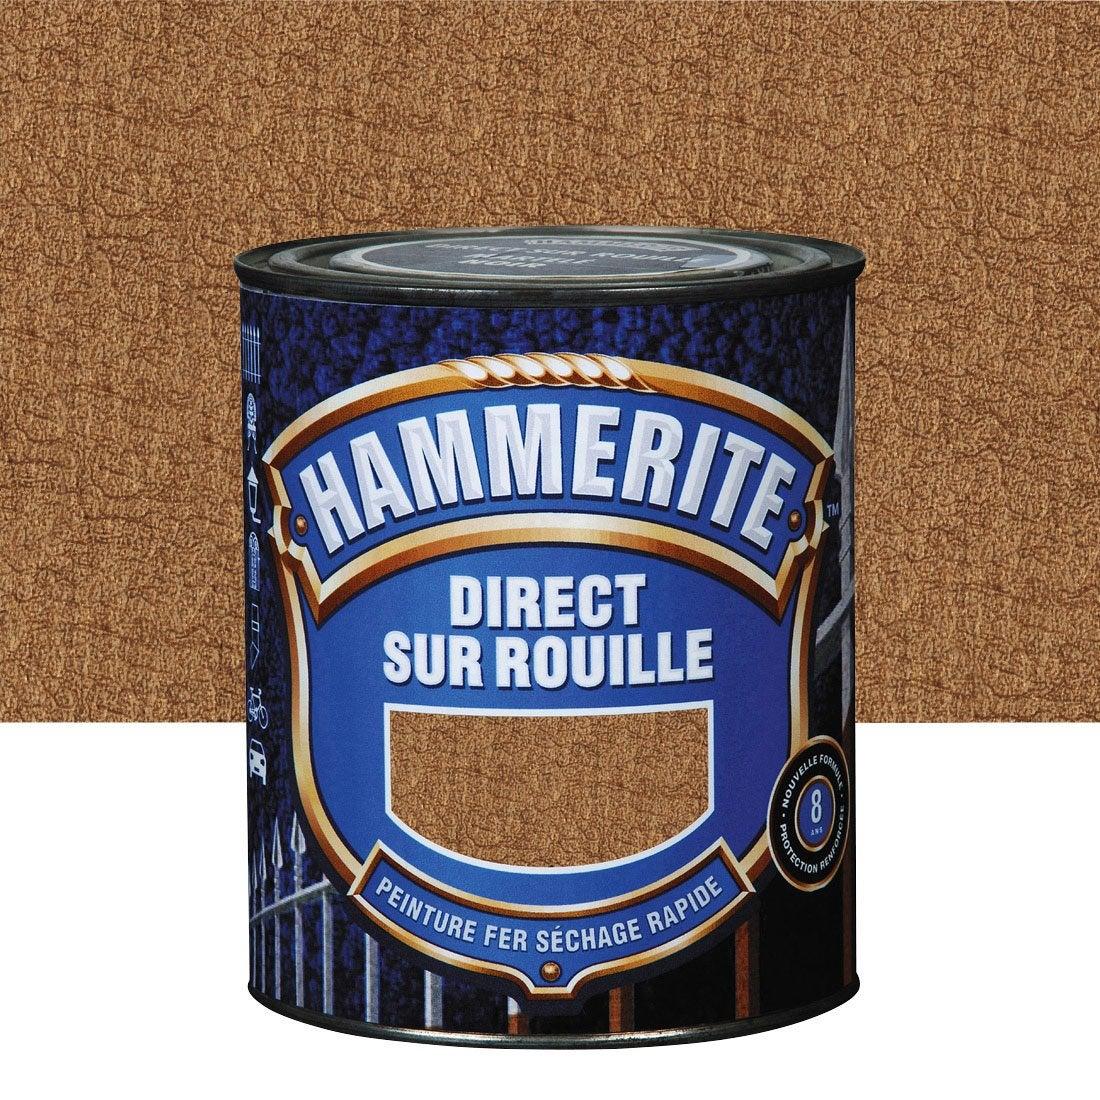 Peinture fer ext rieur hammerite cuivre l leroy merlin - Leroy merlin peinture fer ...